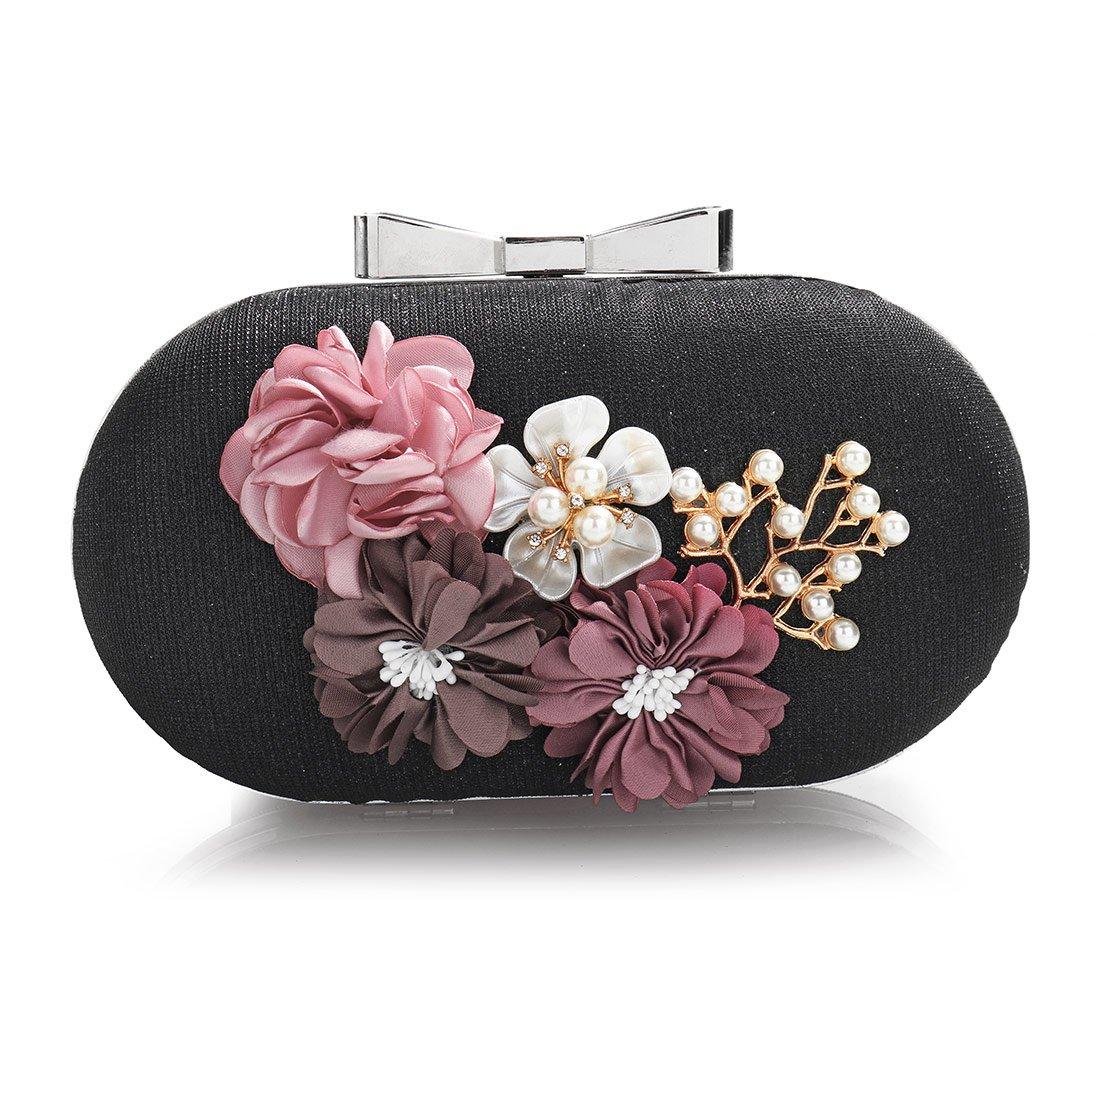 Flower Clutch Purses, Women Stylish Leather Pearl Rhinestone Evening Bag Floral Prom Bride Wedding Handbag (Black)